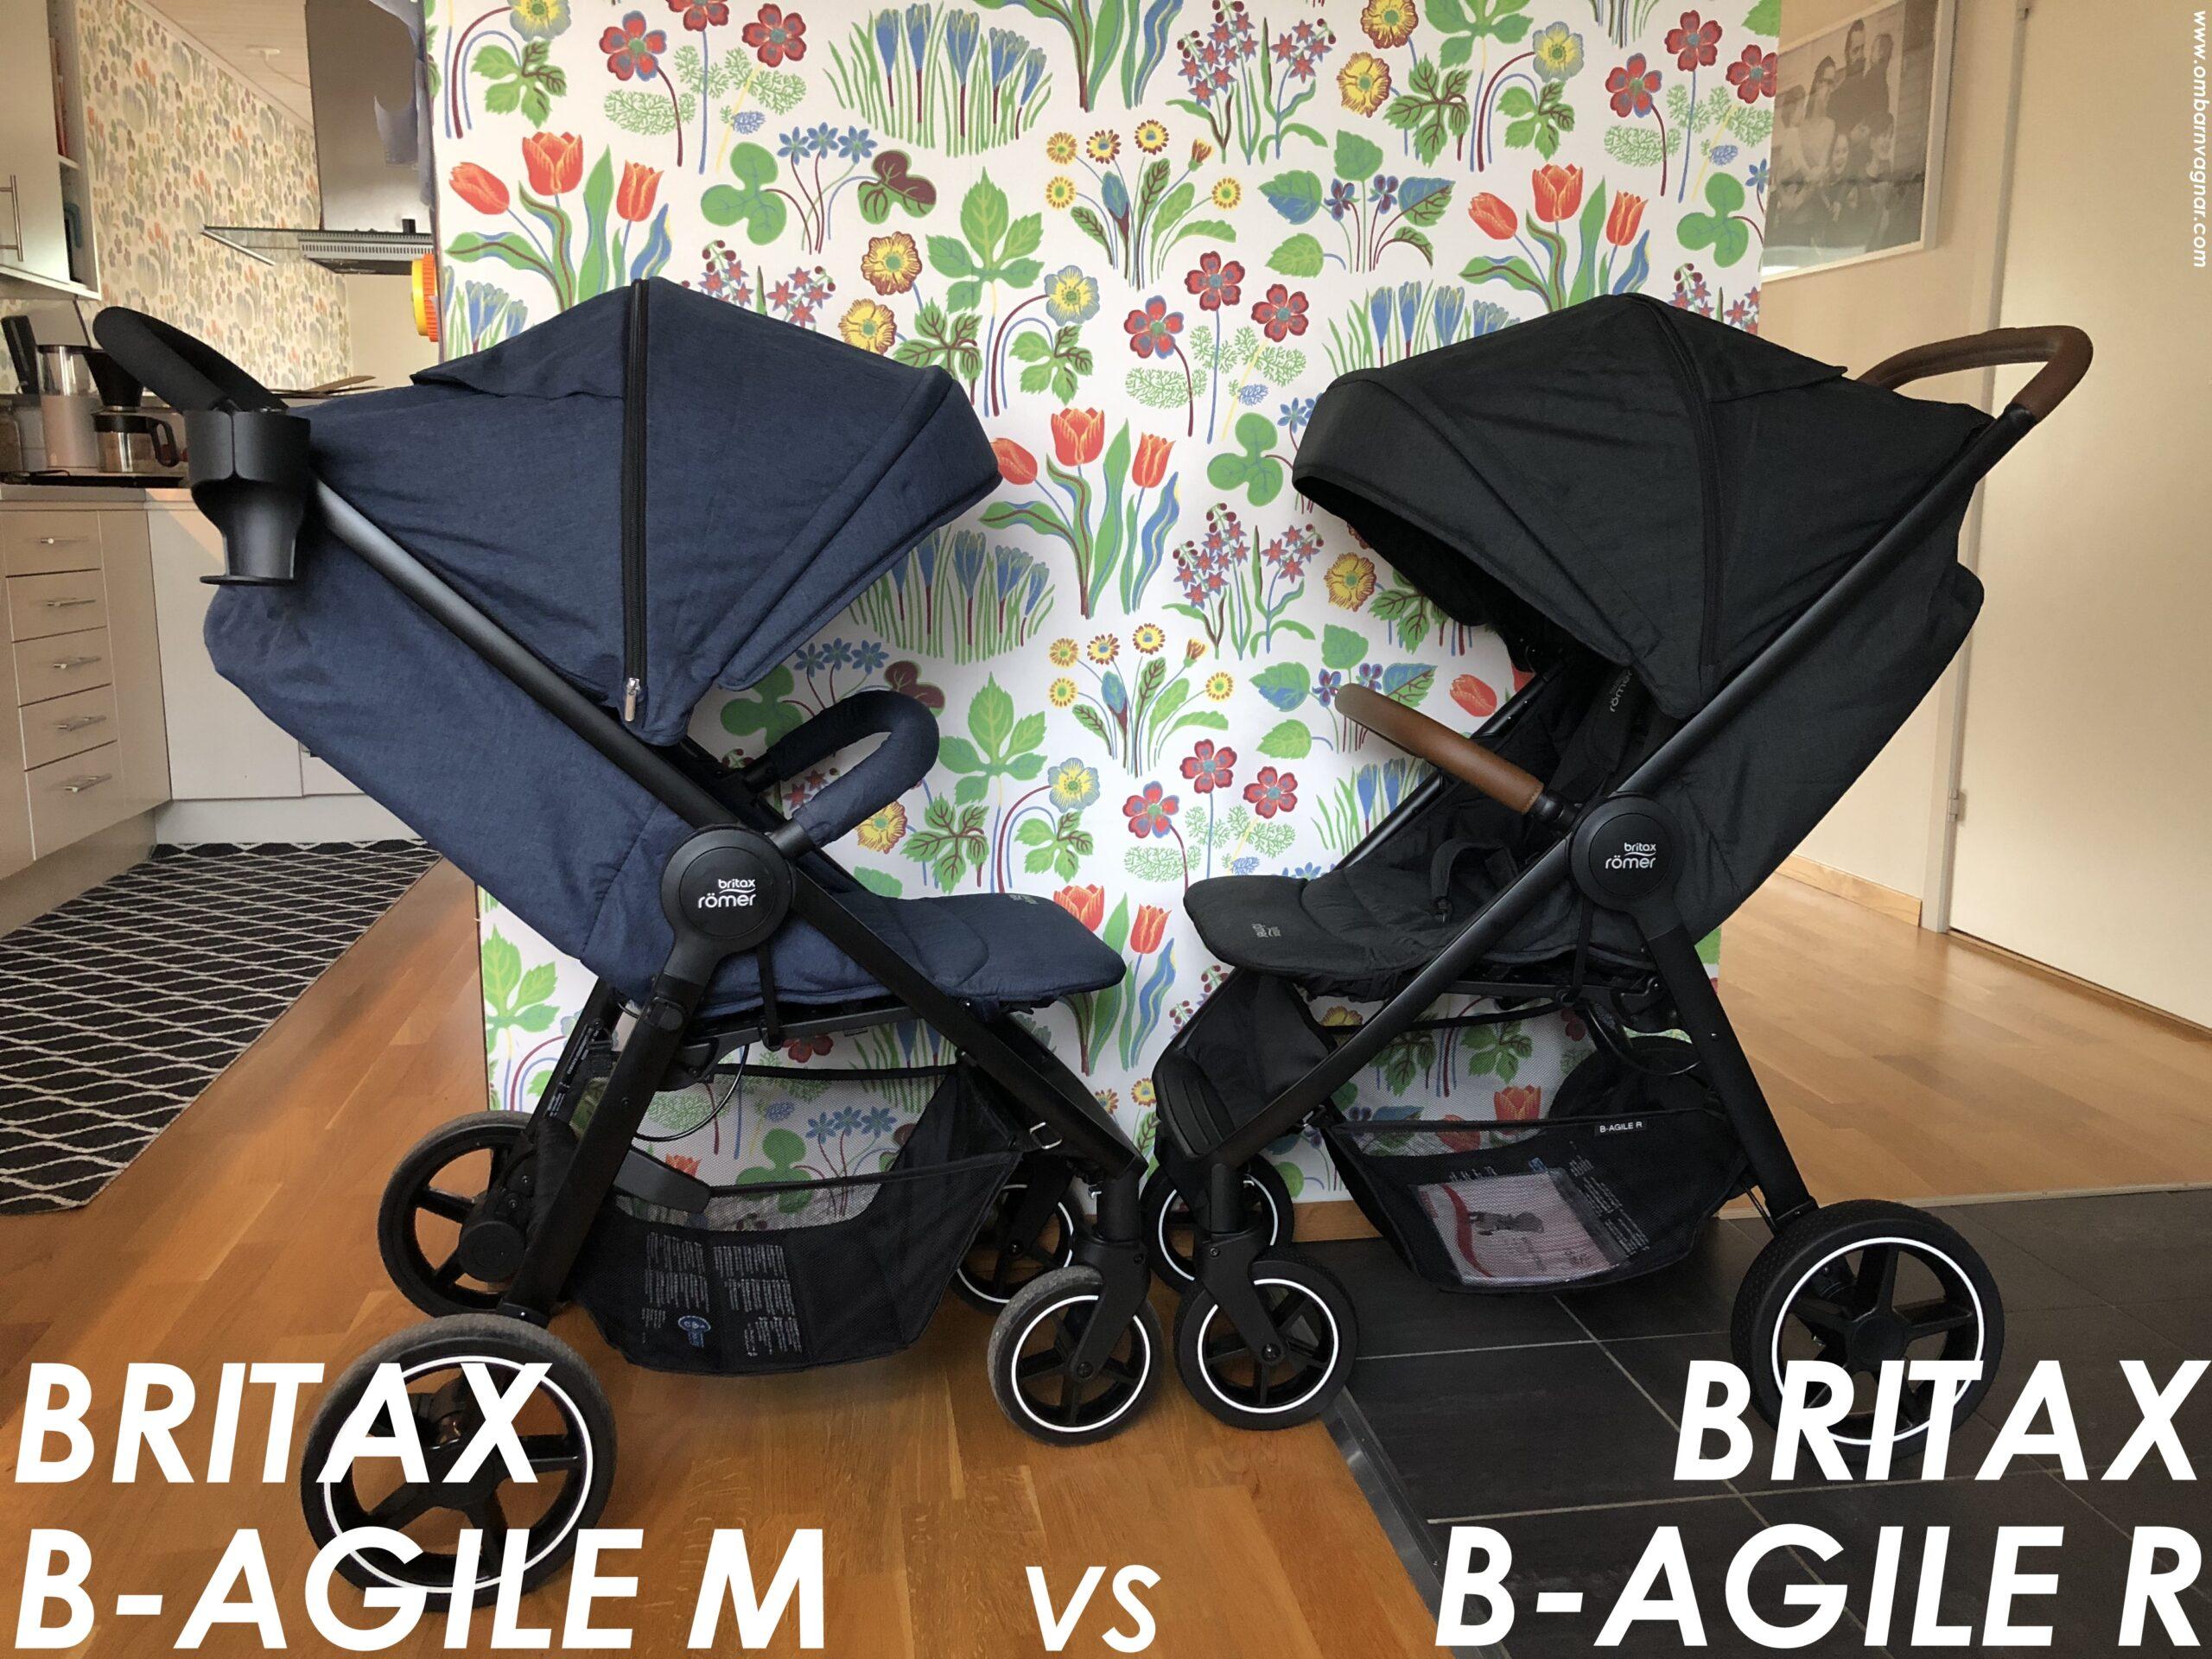 Vad är skillnaden mellan Britax B-Agile M och Britax B-Agile R?